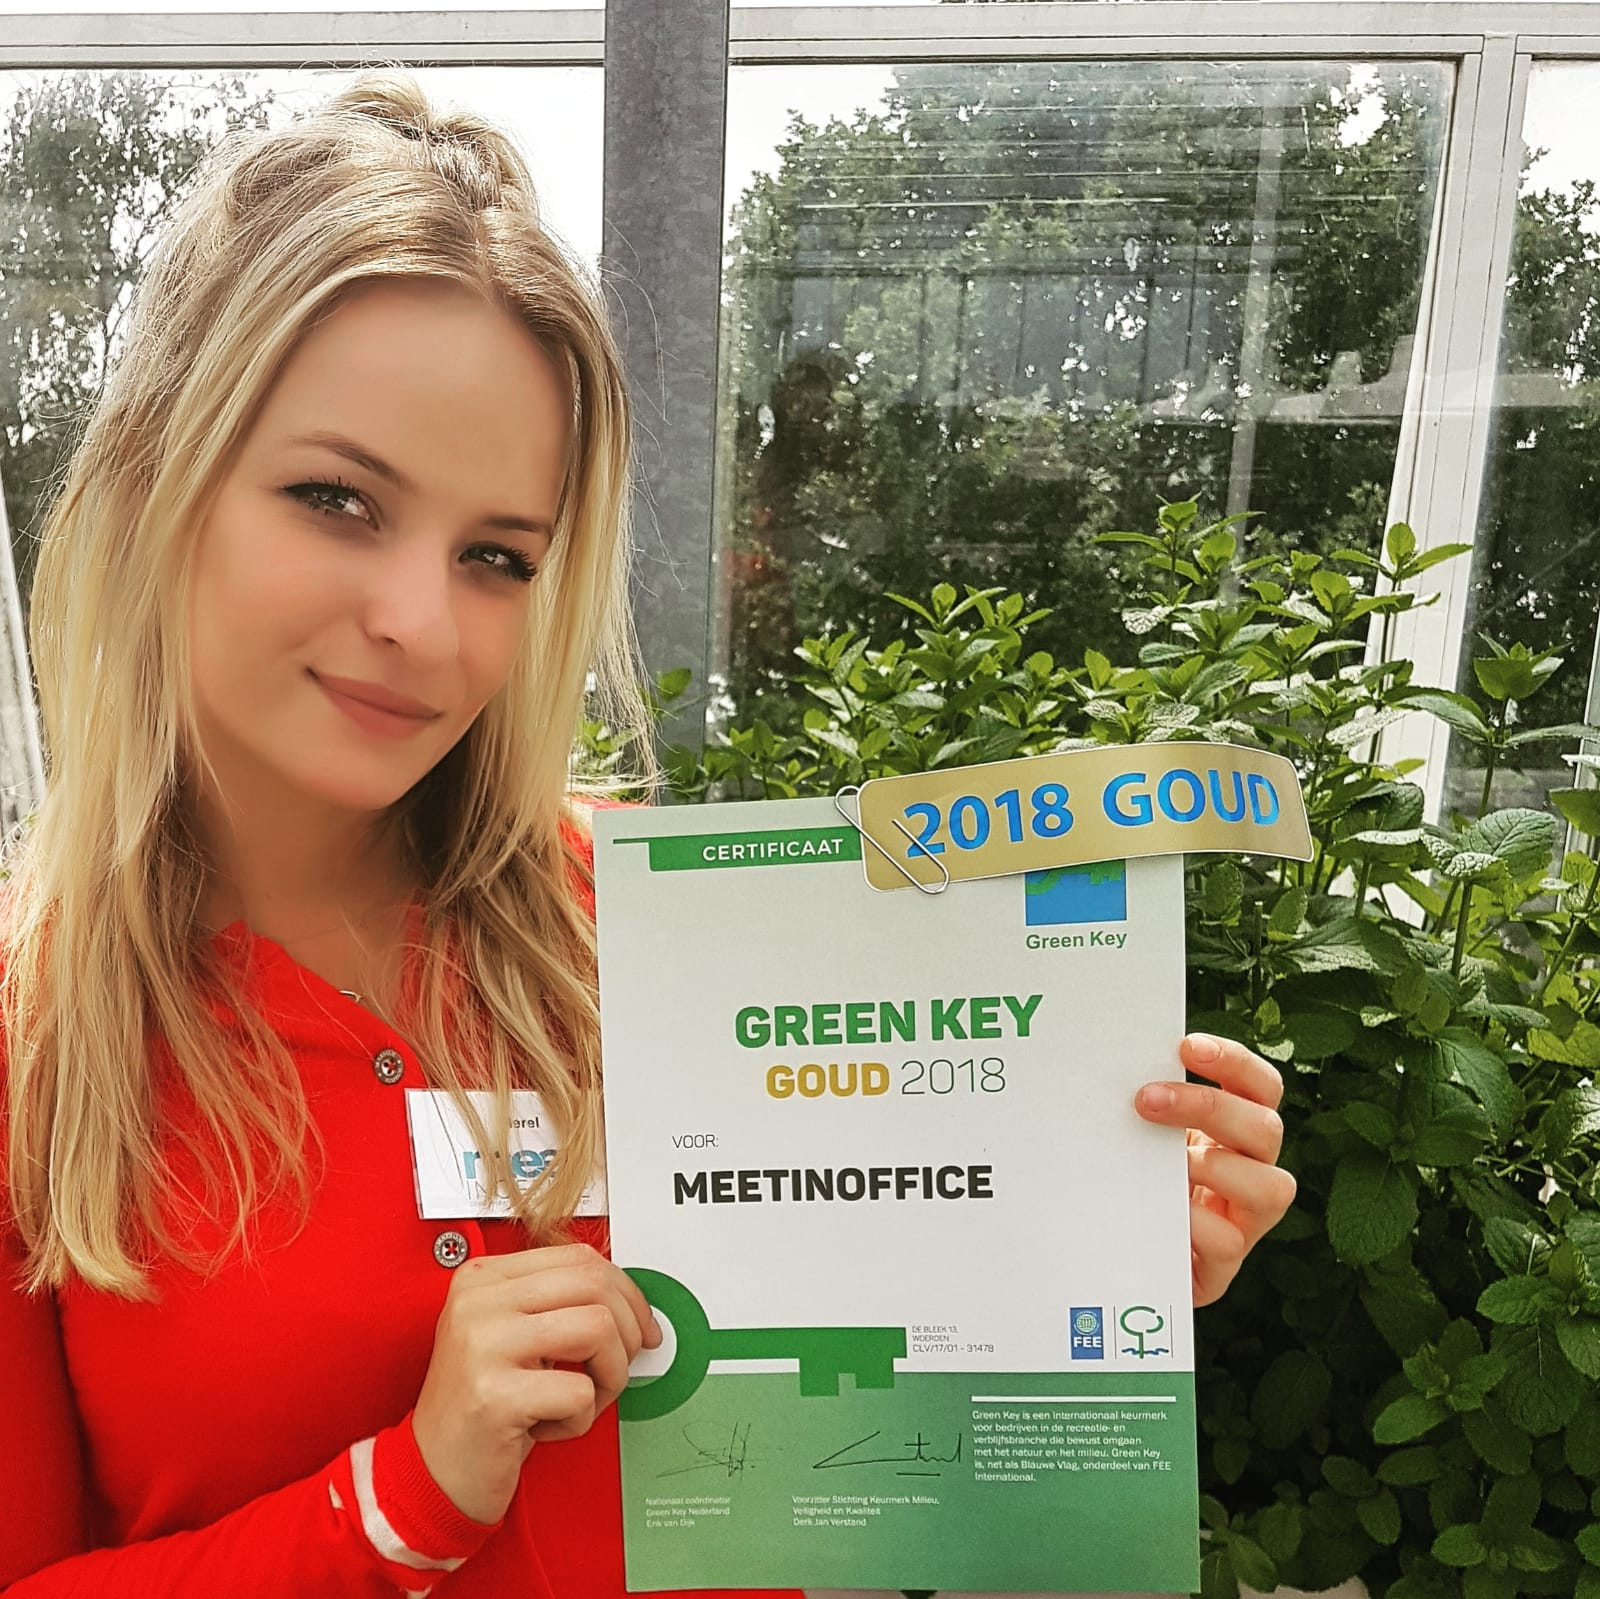 Green Key goud voor MeetINoffice